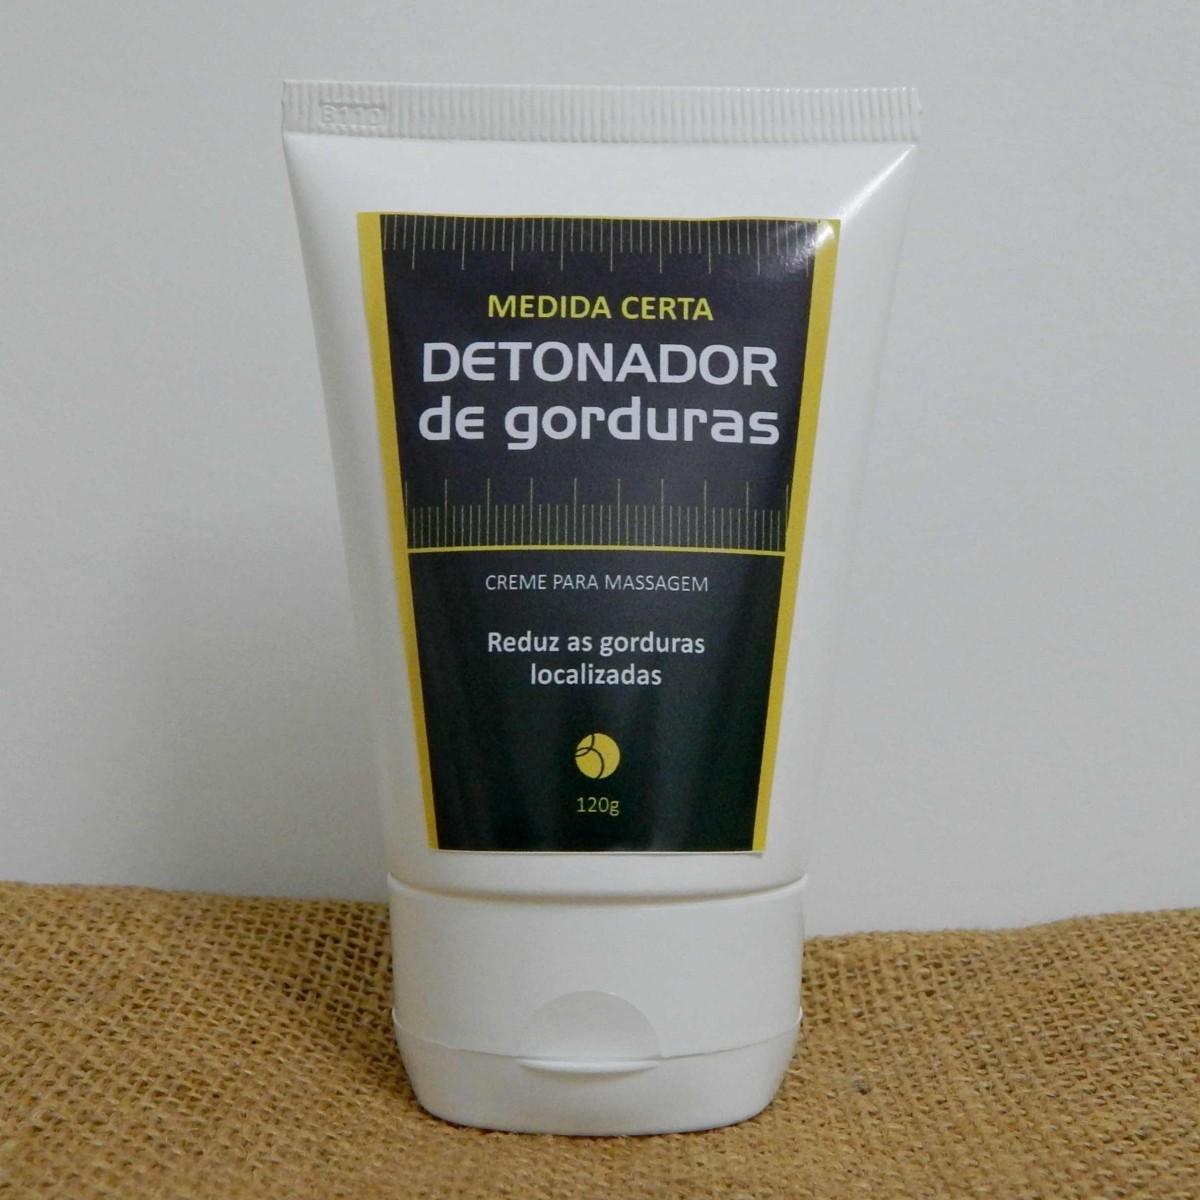 Creme Medida Certa - Detonador de Gorduras - 120g  - Bulla Farmácia de Manipulação